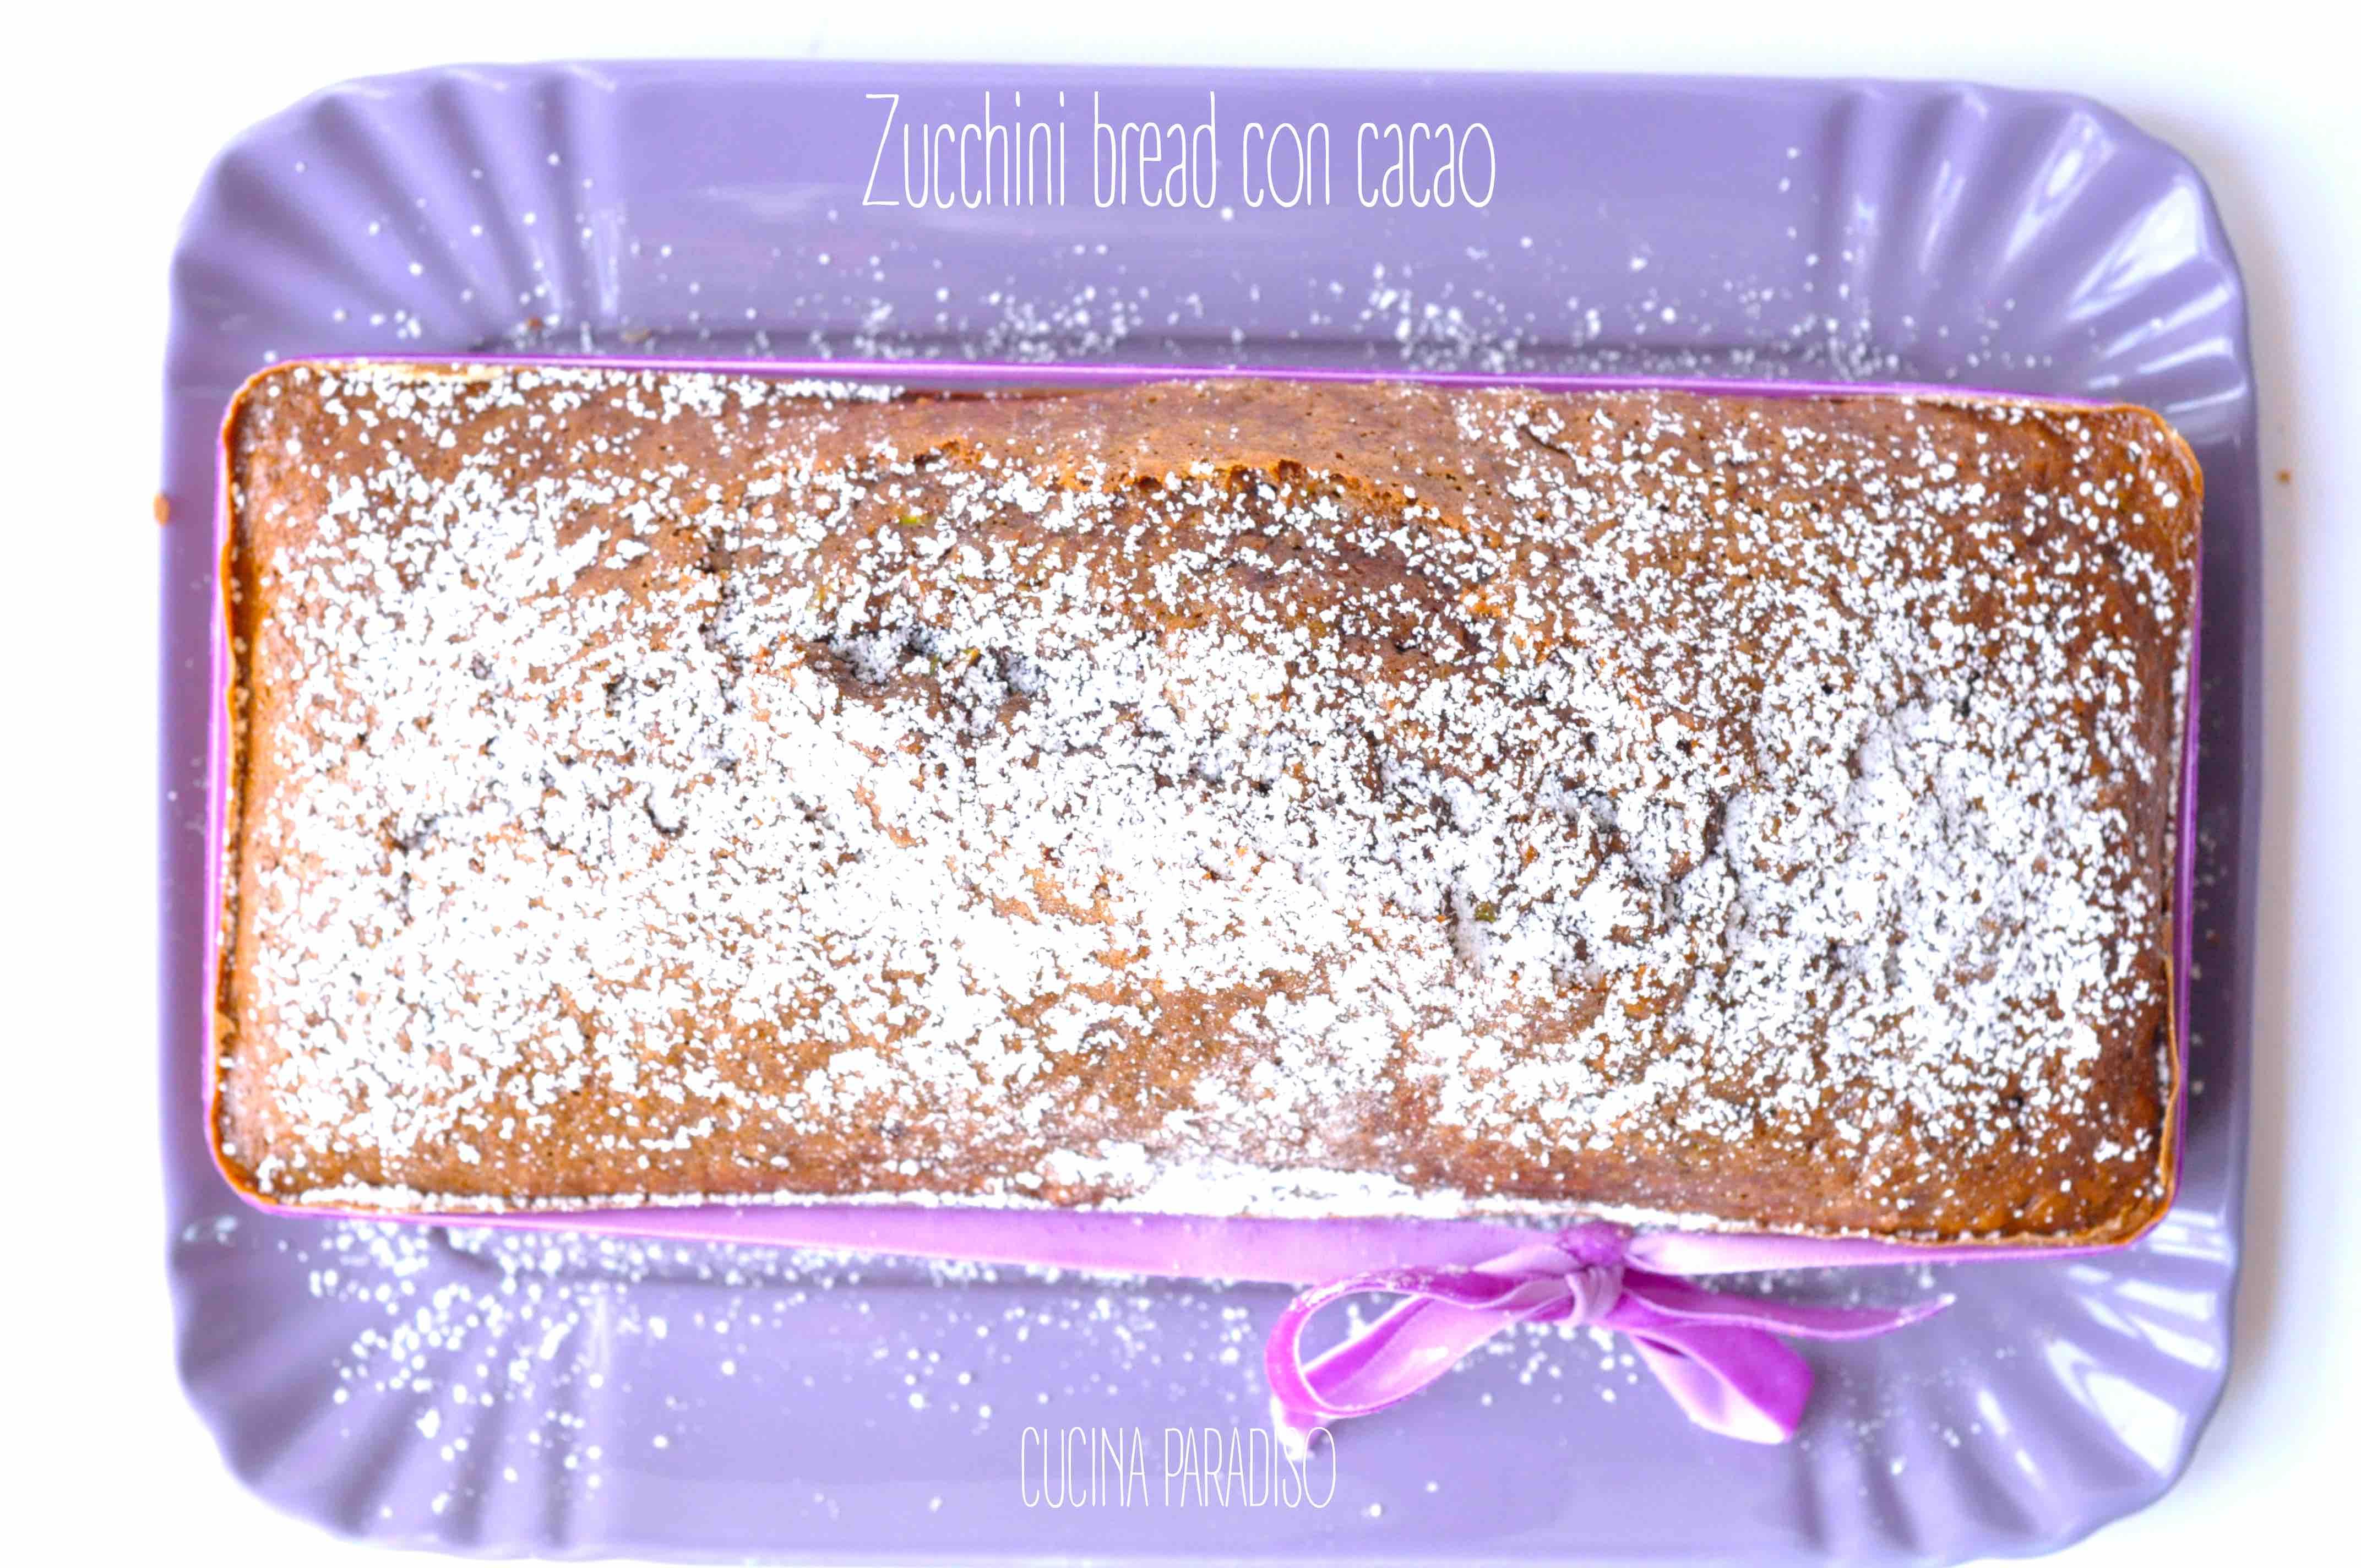 Zucchini bread con cacao2